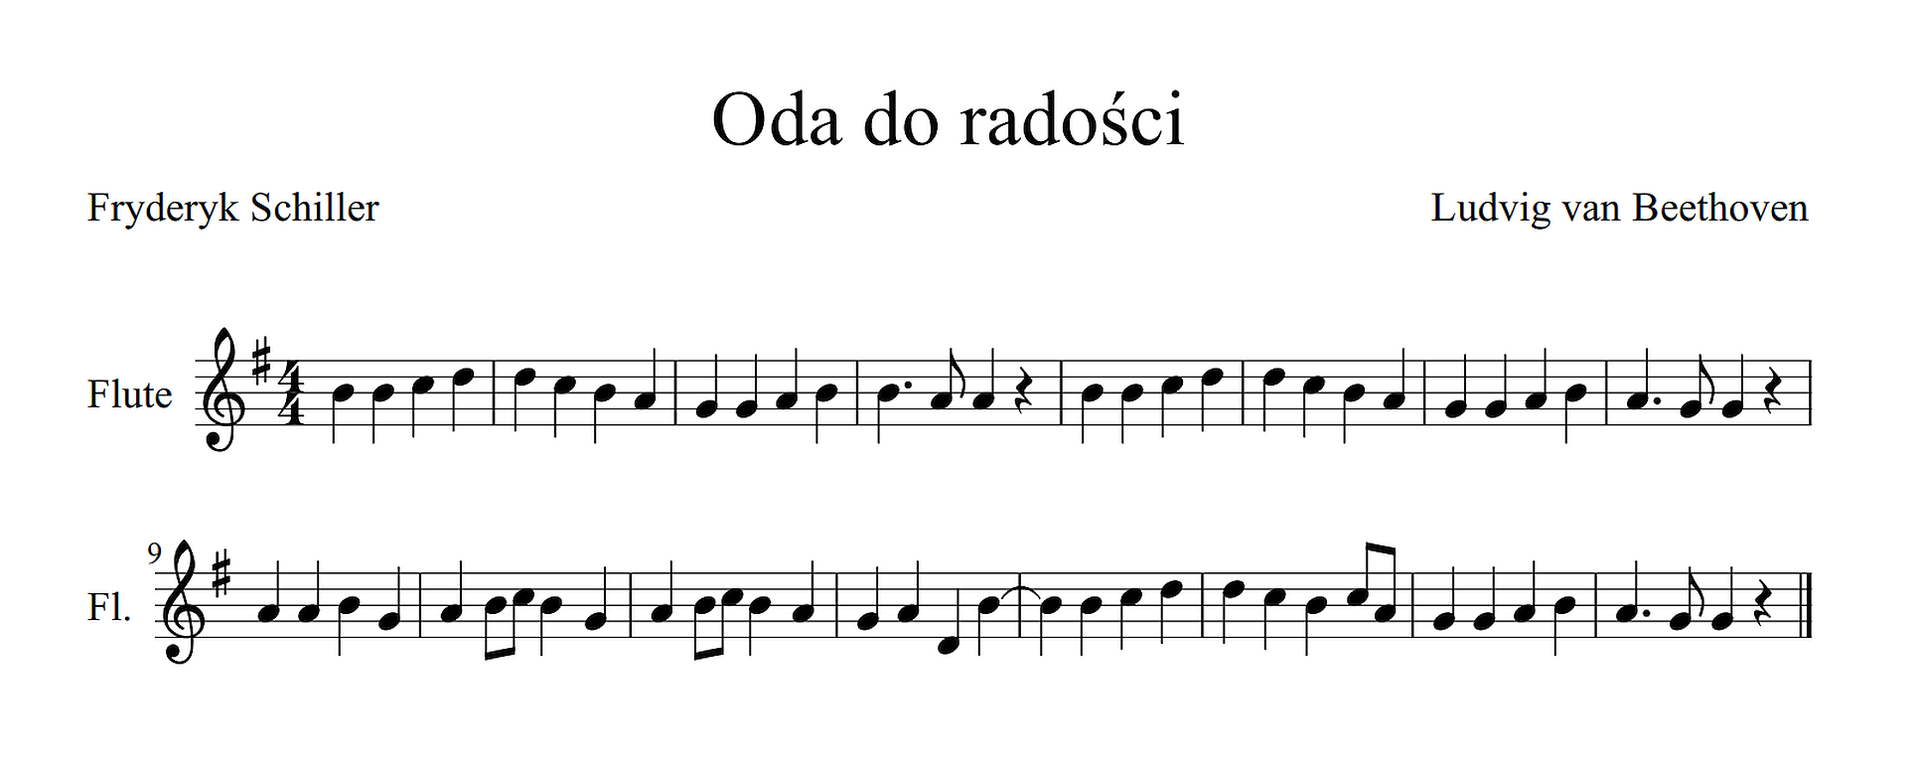 Prosty zapis nutowy Ody do radości. Na dwóch pięcioliniach zapisane są nuty. Metrum cztery czwarte, przy kluczu jeden krzyżyk fis. Kolejne dźwięki melodii to: hhcddcha, ggahhaa, hhcddcha, ggahagg, aahgahchg, ahchagad, hhcddchca, ggahagg